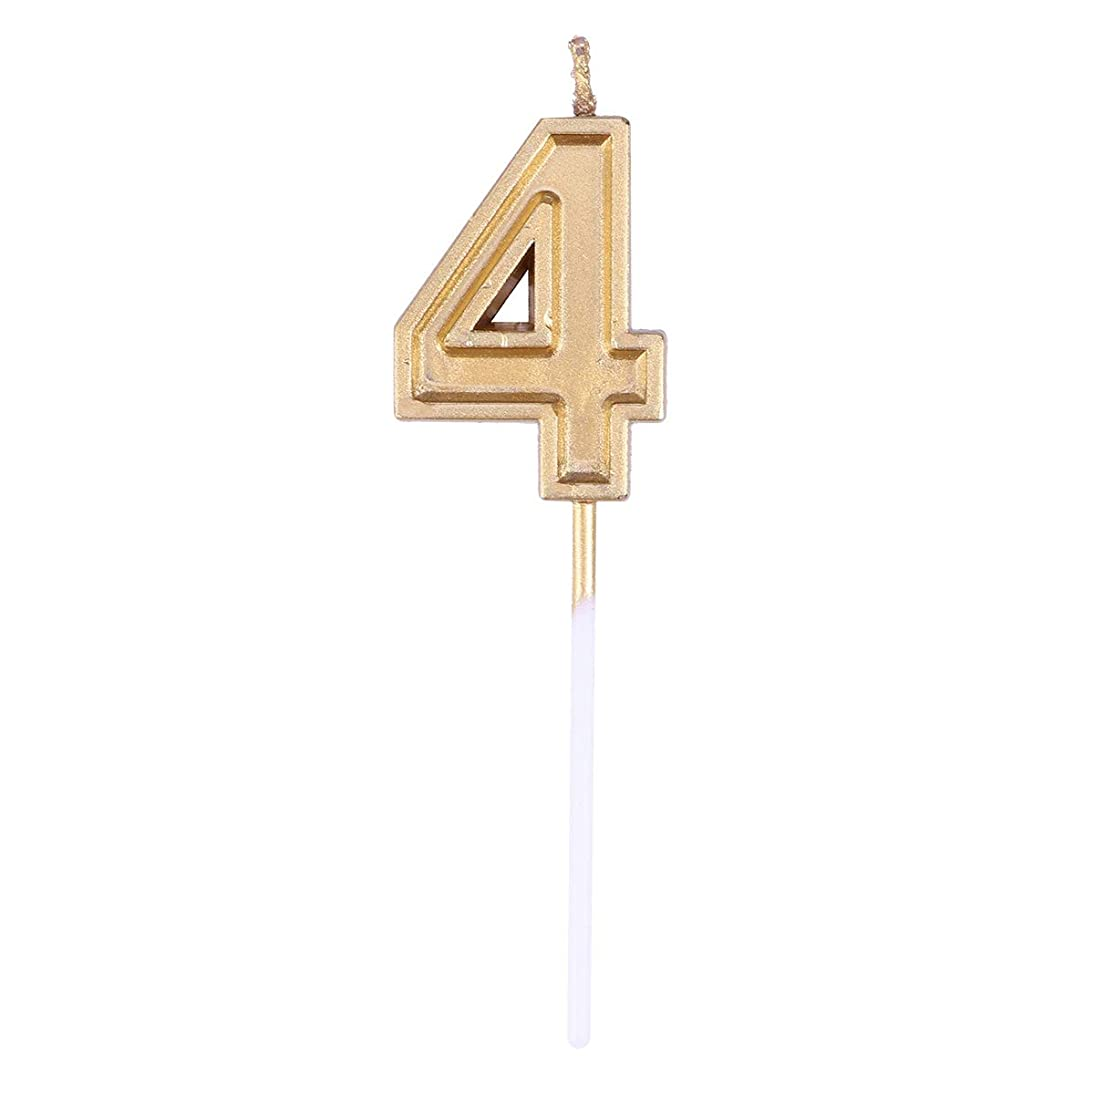 コアコジオスコスポンサーToyvian ゴールドラメ誕生日おめでとう数字キャンドル番号キャンドルケーキトッパー装飾用大人キッズパーティー(番号4)